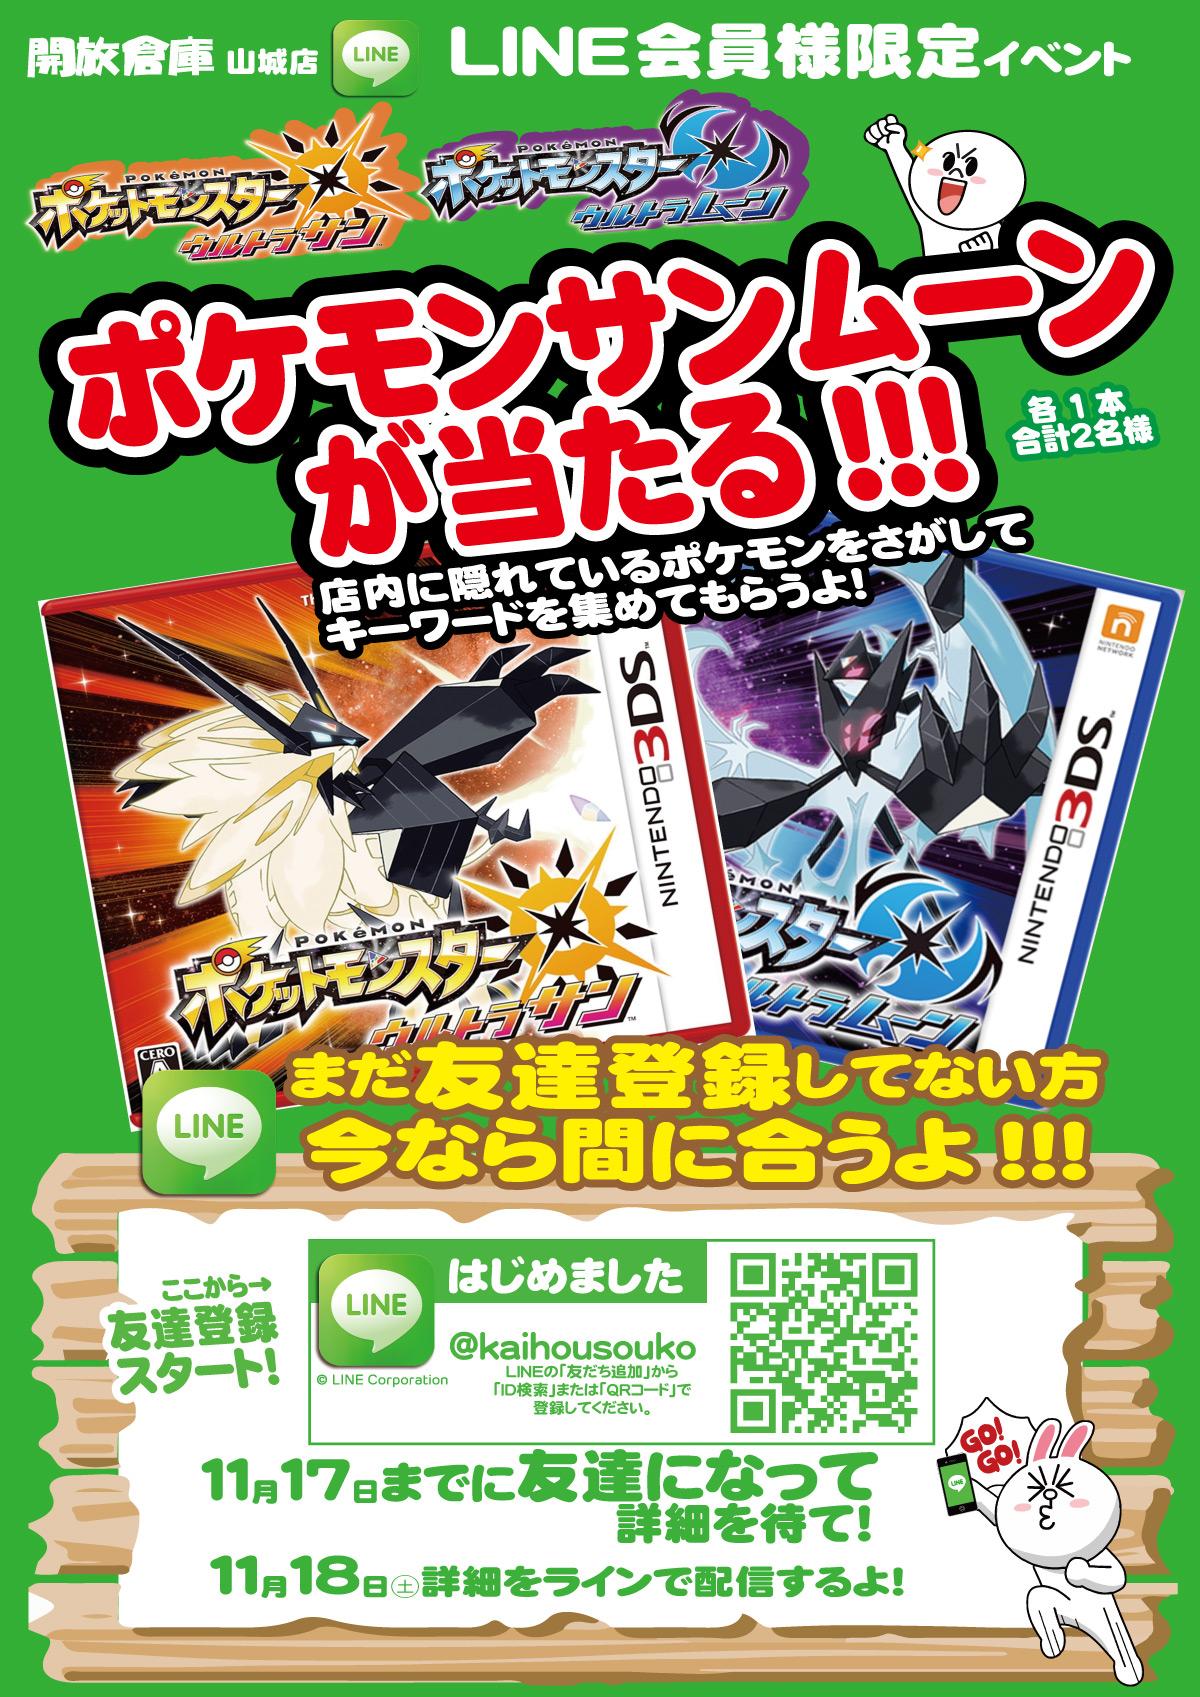 「開放倉庫山城店」NINTENDO 3DS最新ソフト<ポケットモンスターウルトラサン・ウルトラムーン>が当たる!!!LINEおともだち会員様限定イベント開催するよっ!